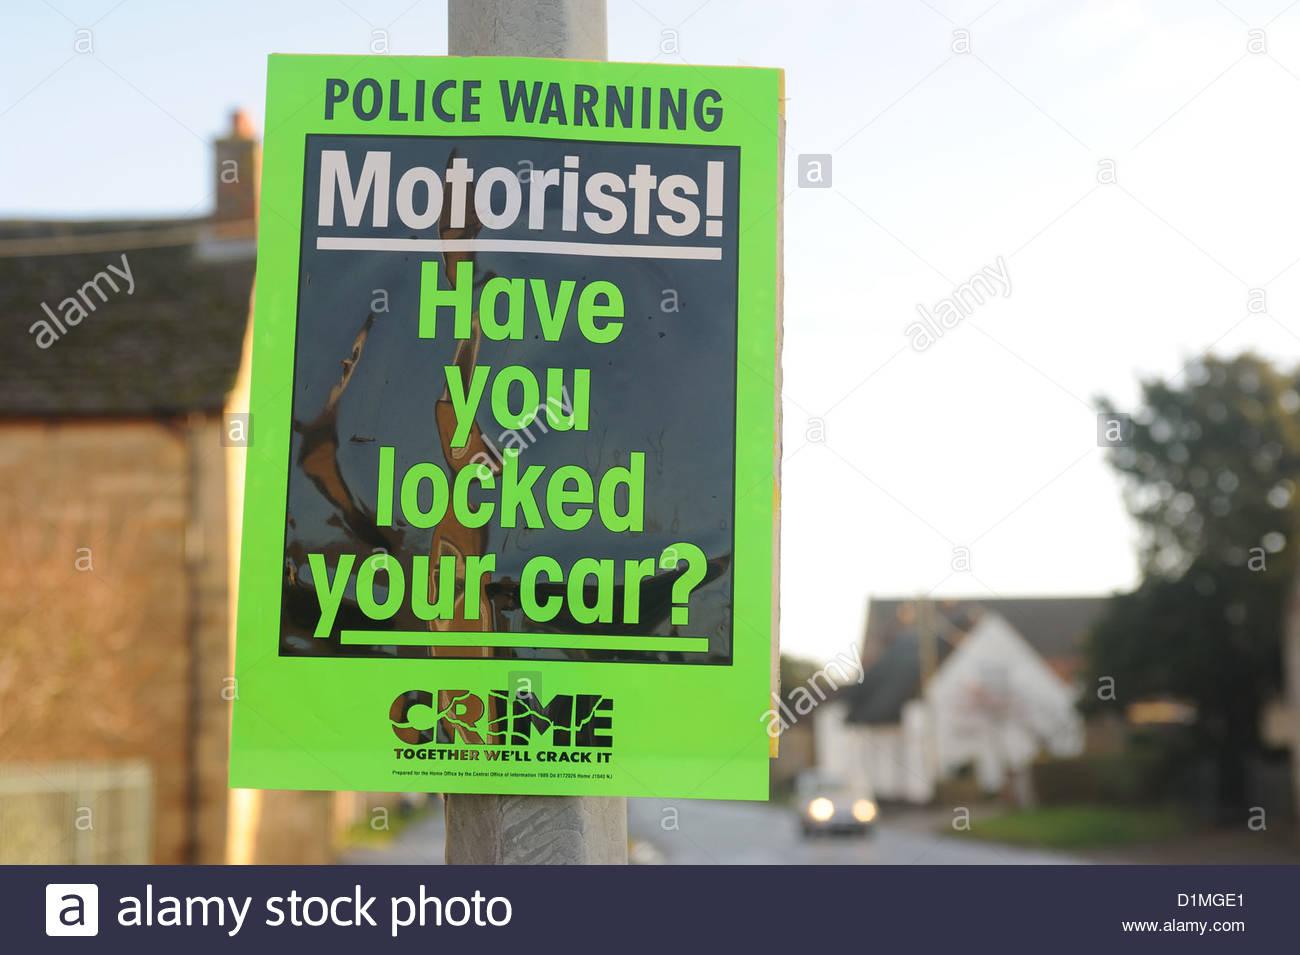 Moreton nr Bourne Lincs UK. Rural crime, police sign 'Motorists - Have you locked your car?' - Stock Image